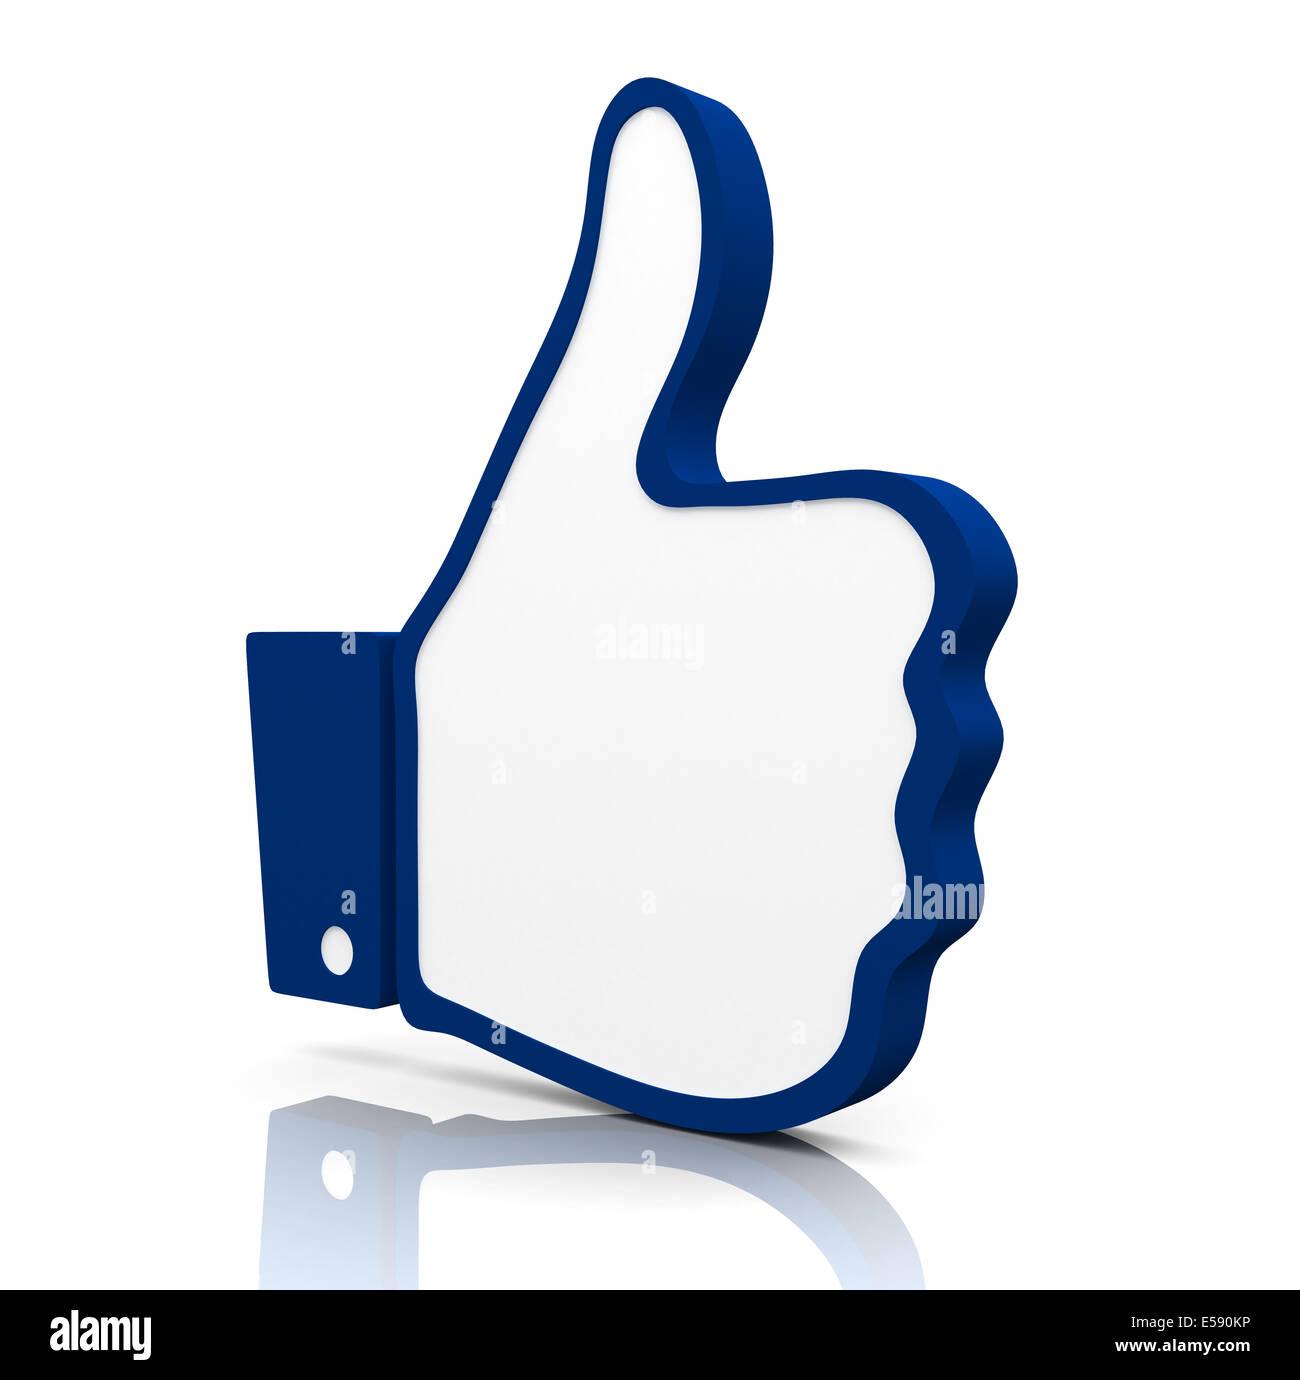 3D gerendert Symbol einer Hand mit dem Daumen oben. Stockbild